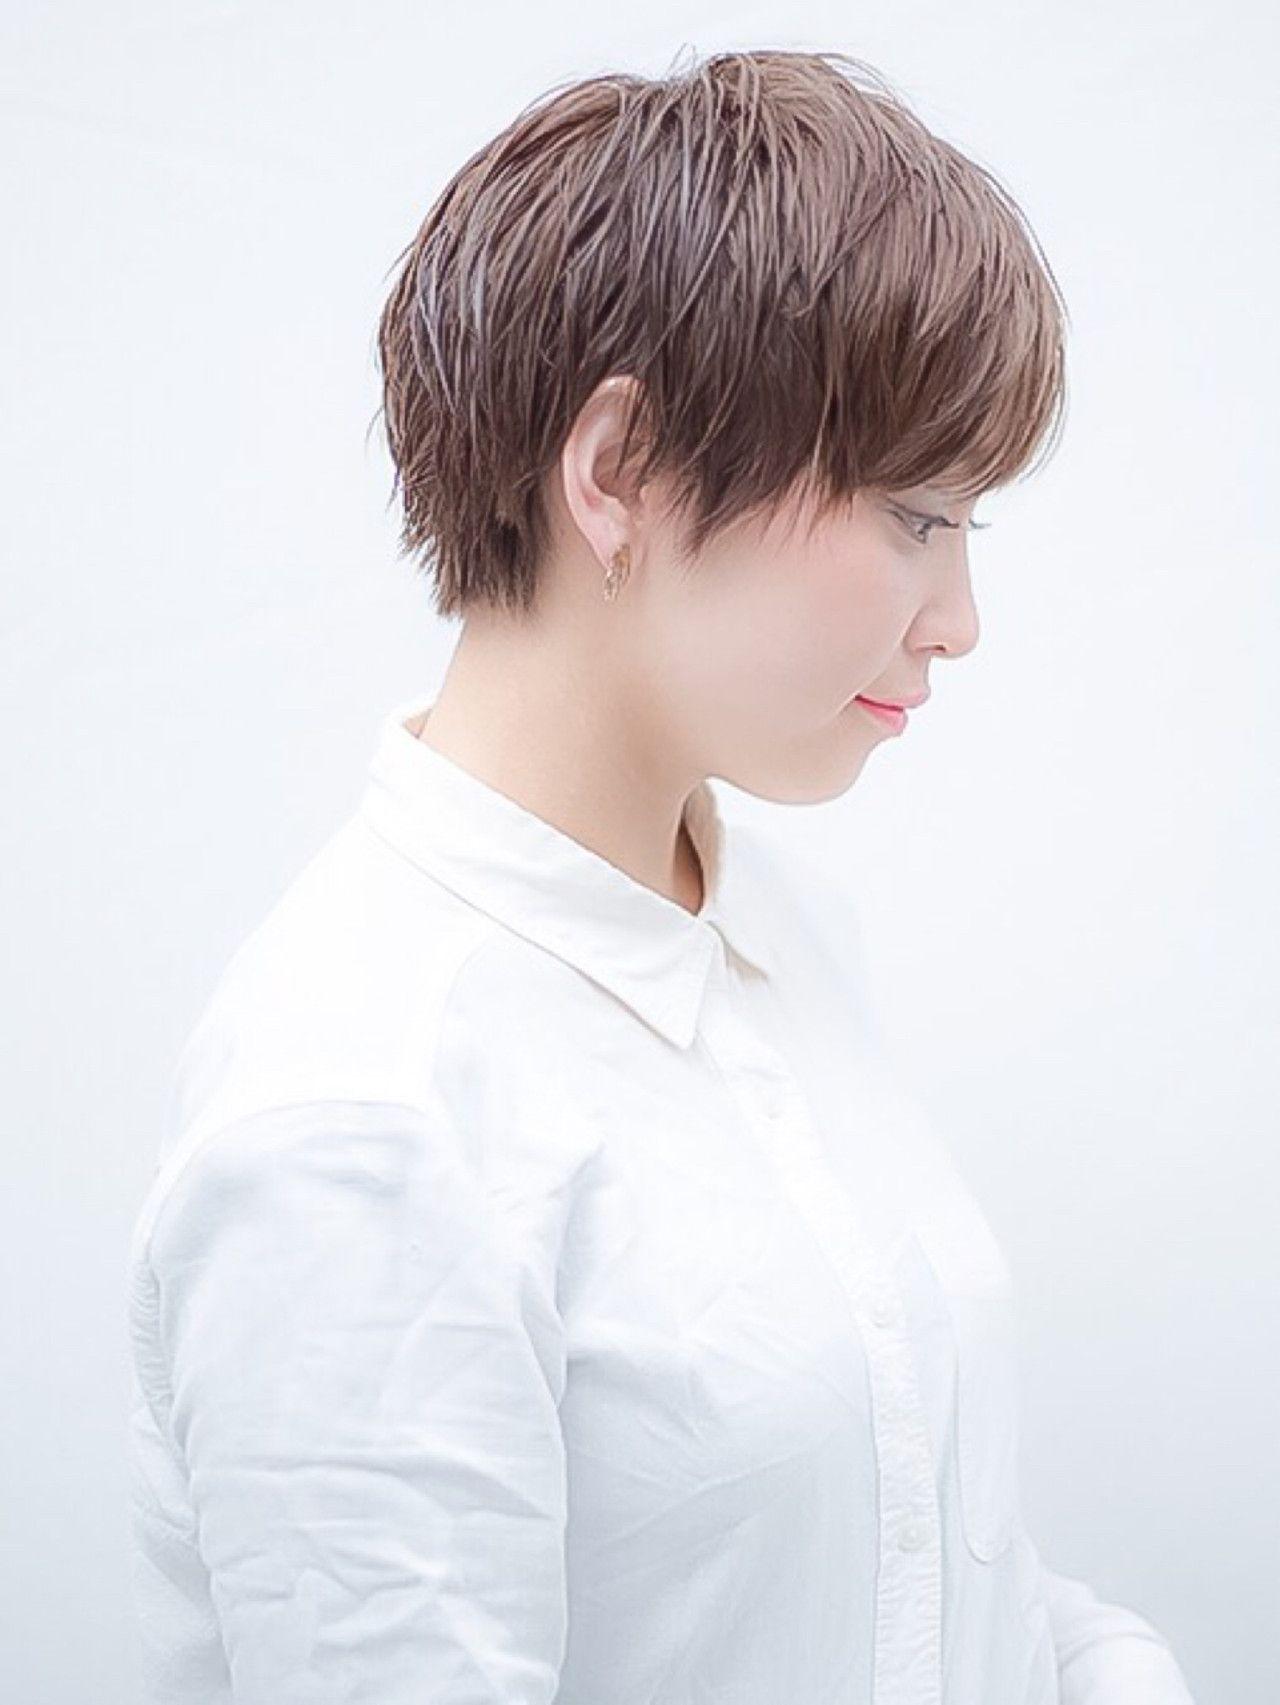 ジェンダーレス女子を極めるオススメ髪型 テイスト別スタイル集